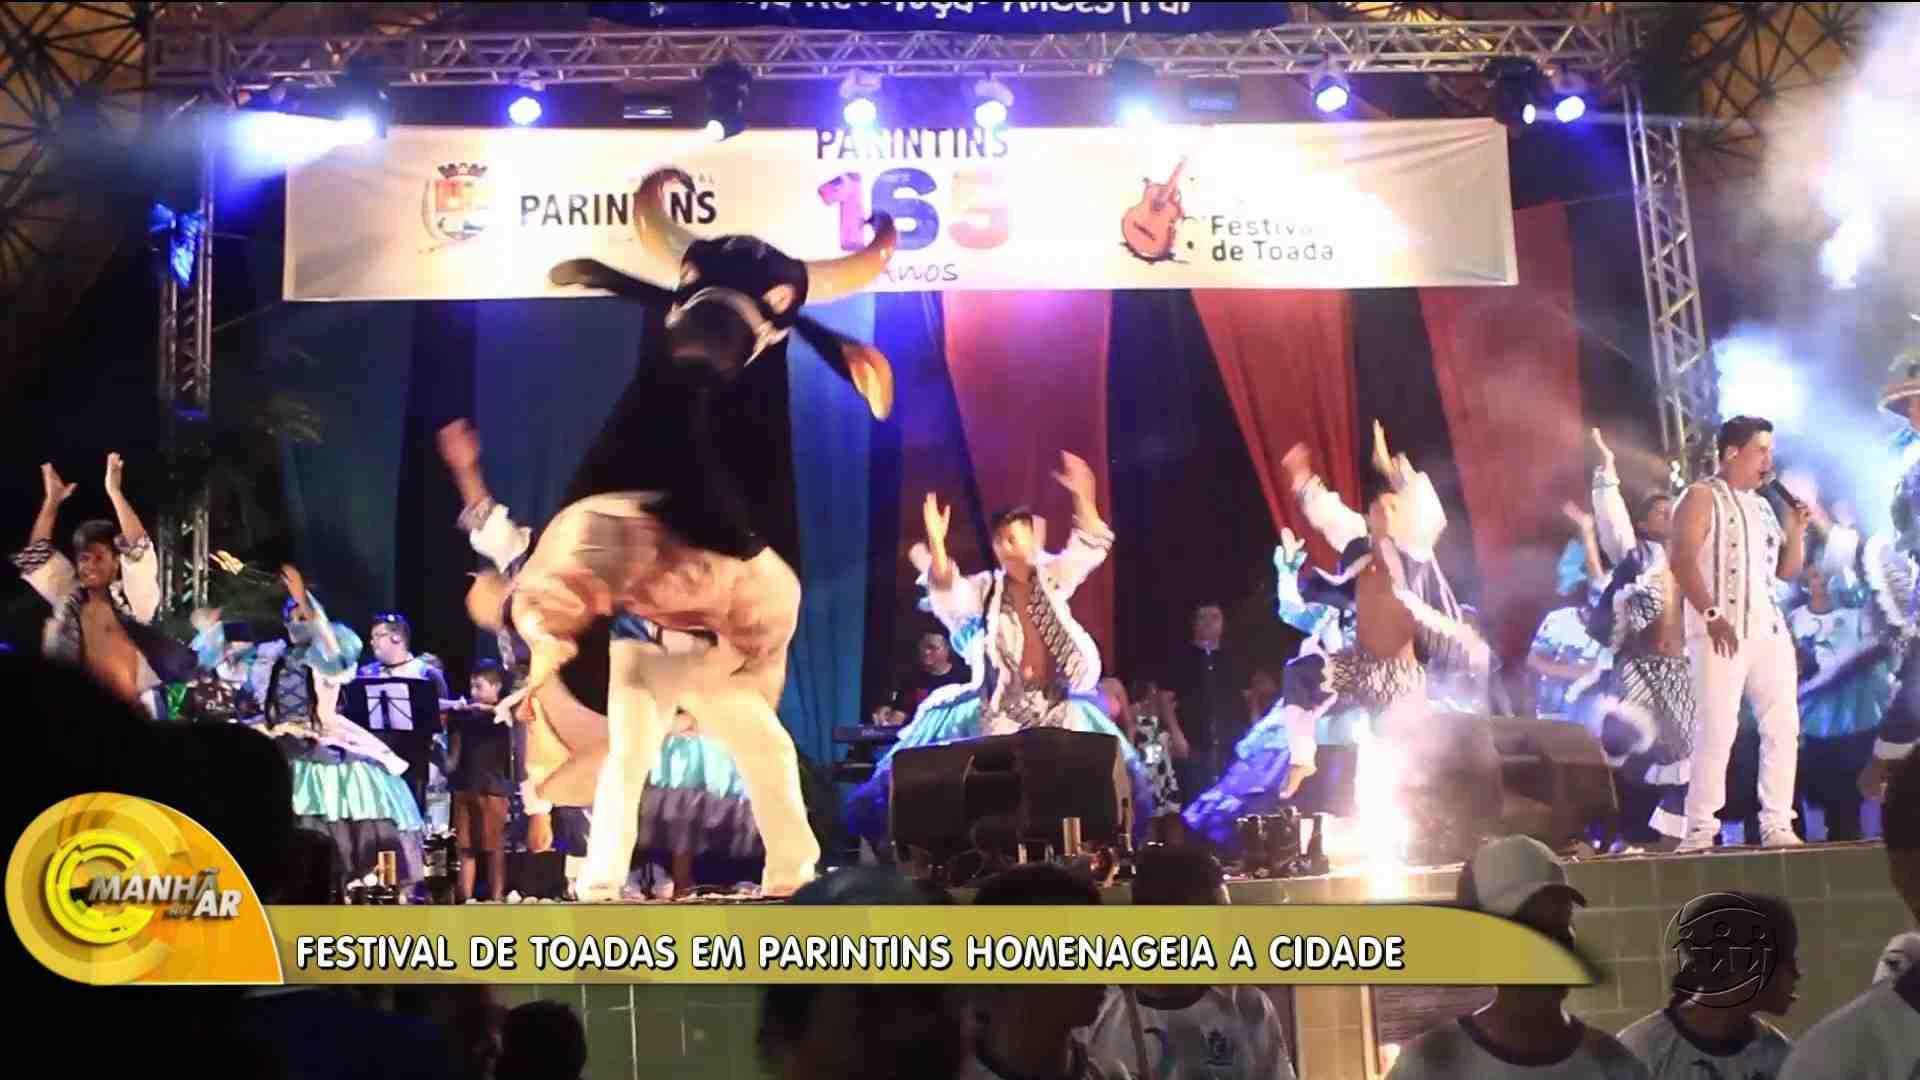 ILHA DA MAGIA: PARINTINS COMEMORA 165 ANOS DE HISTÓRIA - Manhã no Ar 16/10/17